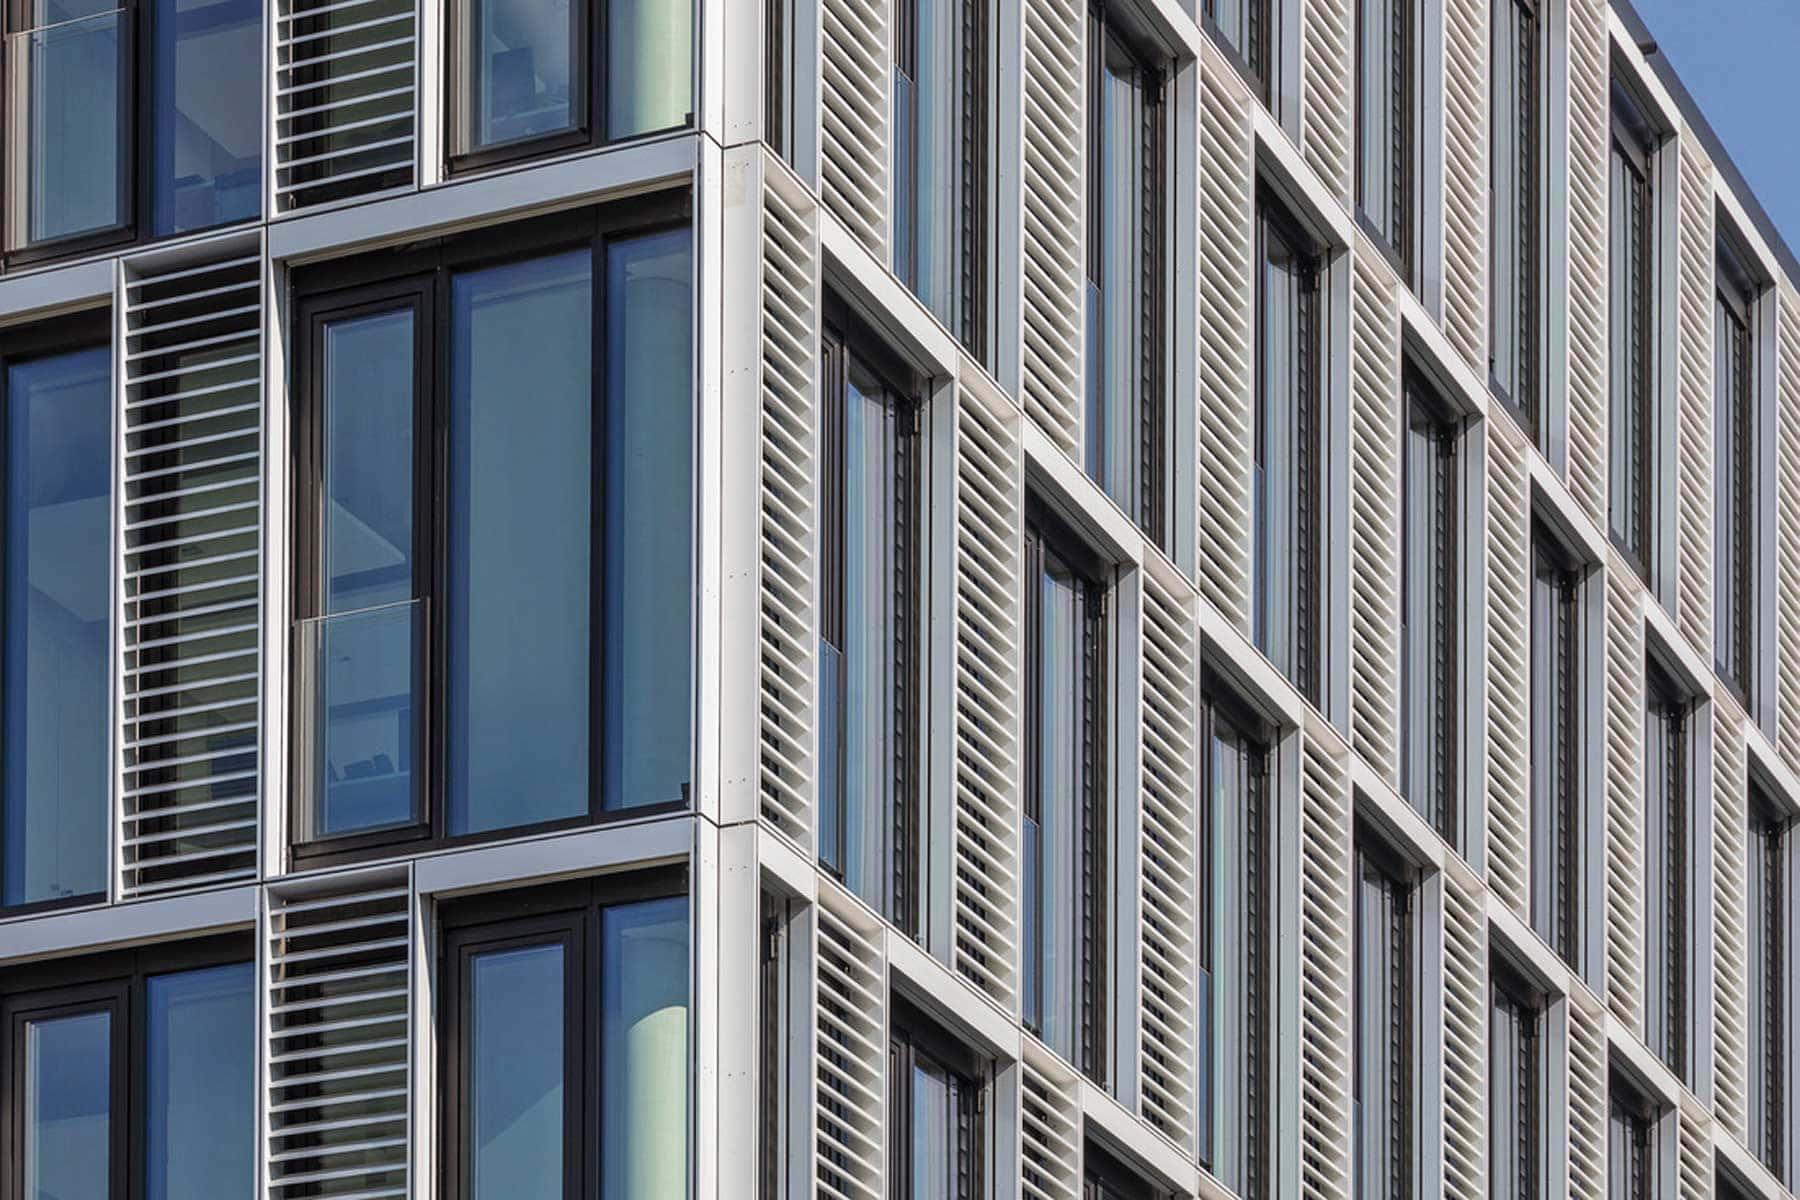 Landratsamt Rosenheim Fassade Detail